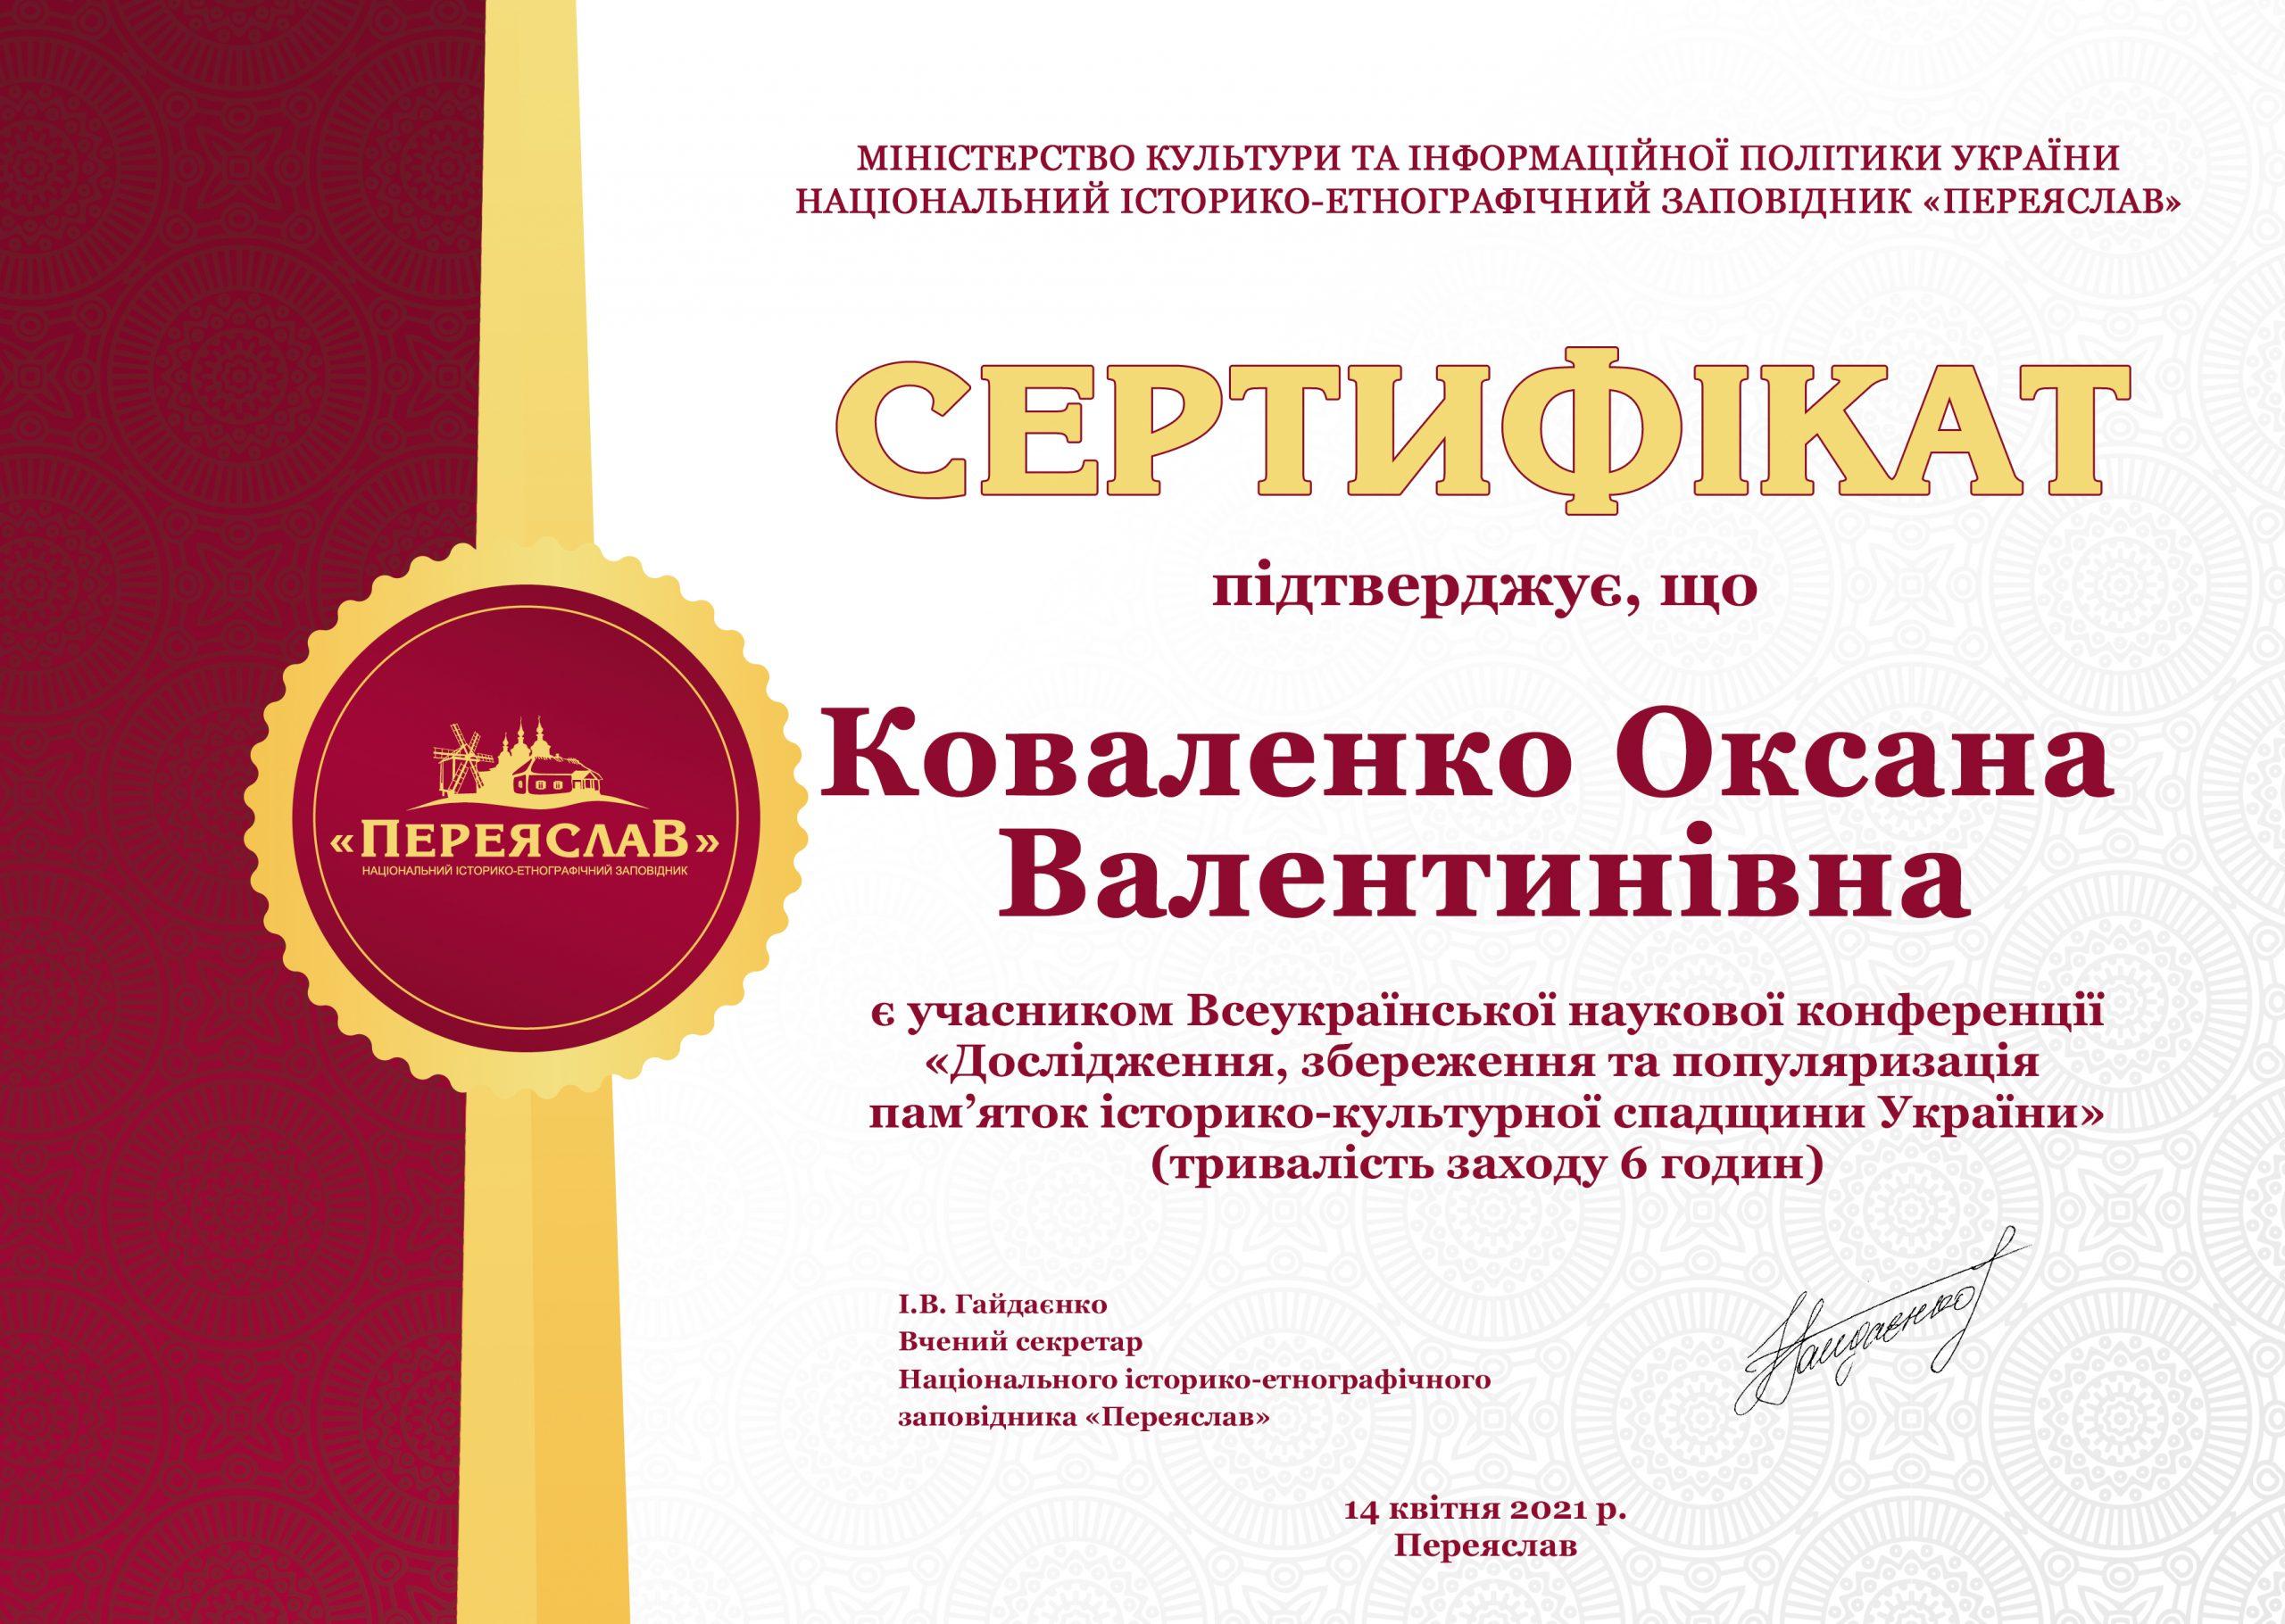 Наукова конференція в Переяславі